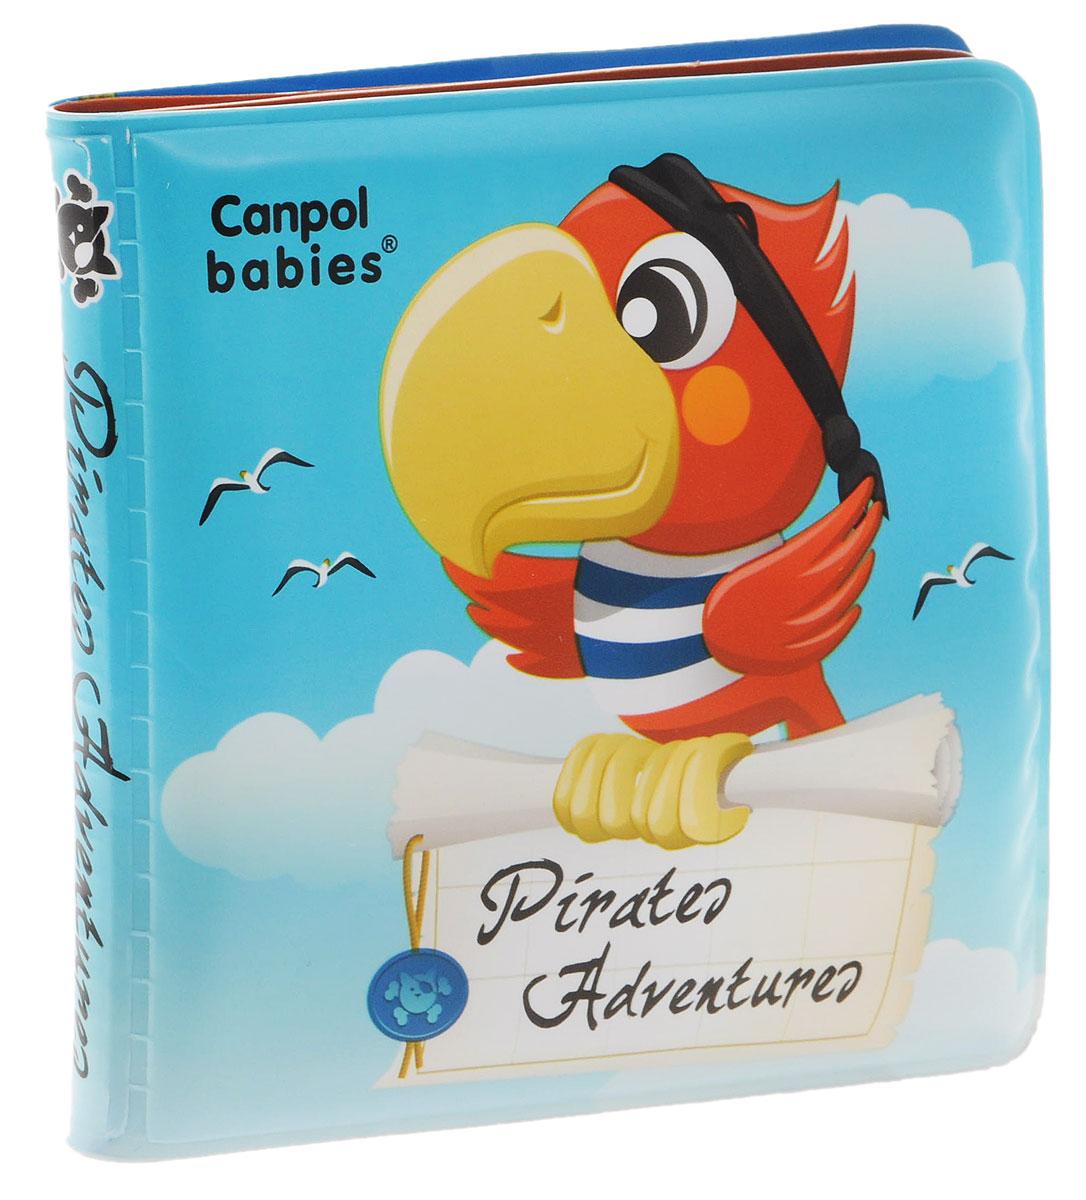 Canpol Babies Книжка-игрушка для ванны Пираты2/803_голубойКнижка-игрушка для ванны Canpol Babies Пираты понравится вашему ребенку и развлечет его во время купания. Книжка содержит 4 листа из прочного безопасного материала с изображениями забавных животных-пиратов. В первом листе спрятана пищалка. Книжка не промокает и хорошо держится на воде. Красочные картинки и звук пищалки, который возникает при нажатии на книжку, привлекают внимание ребенка и стимулируют его изучать новые предметы. Книжка-игрушка развивает у ребенка воображение, мелкую моторику, концентрацию внимания и цветовое восприятие.